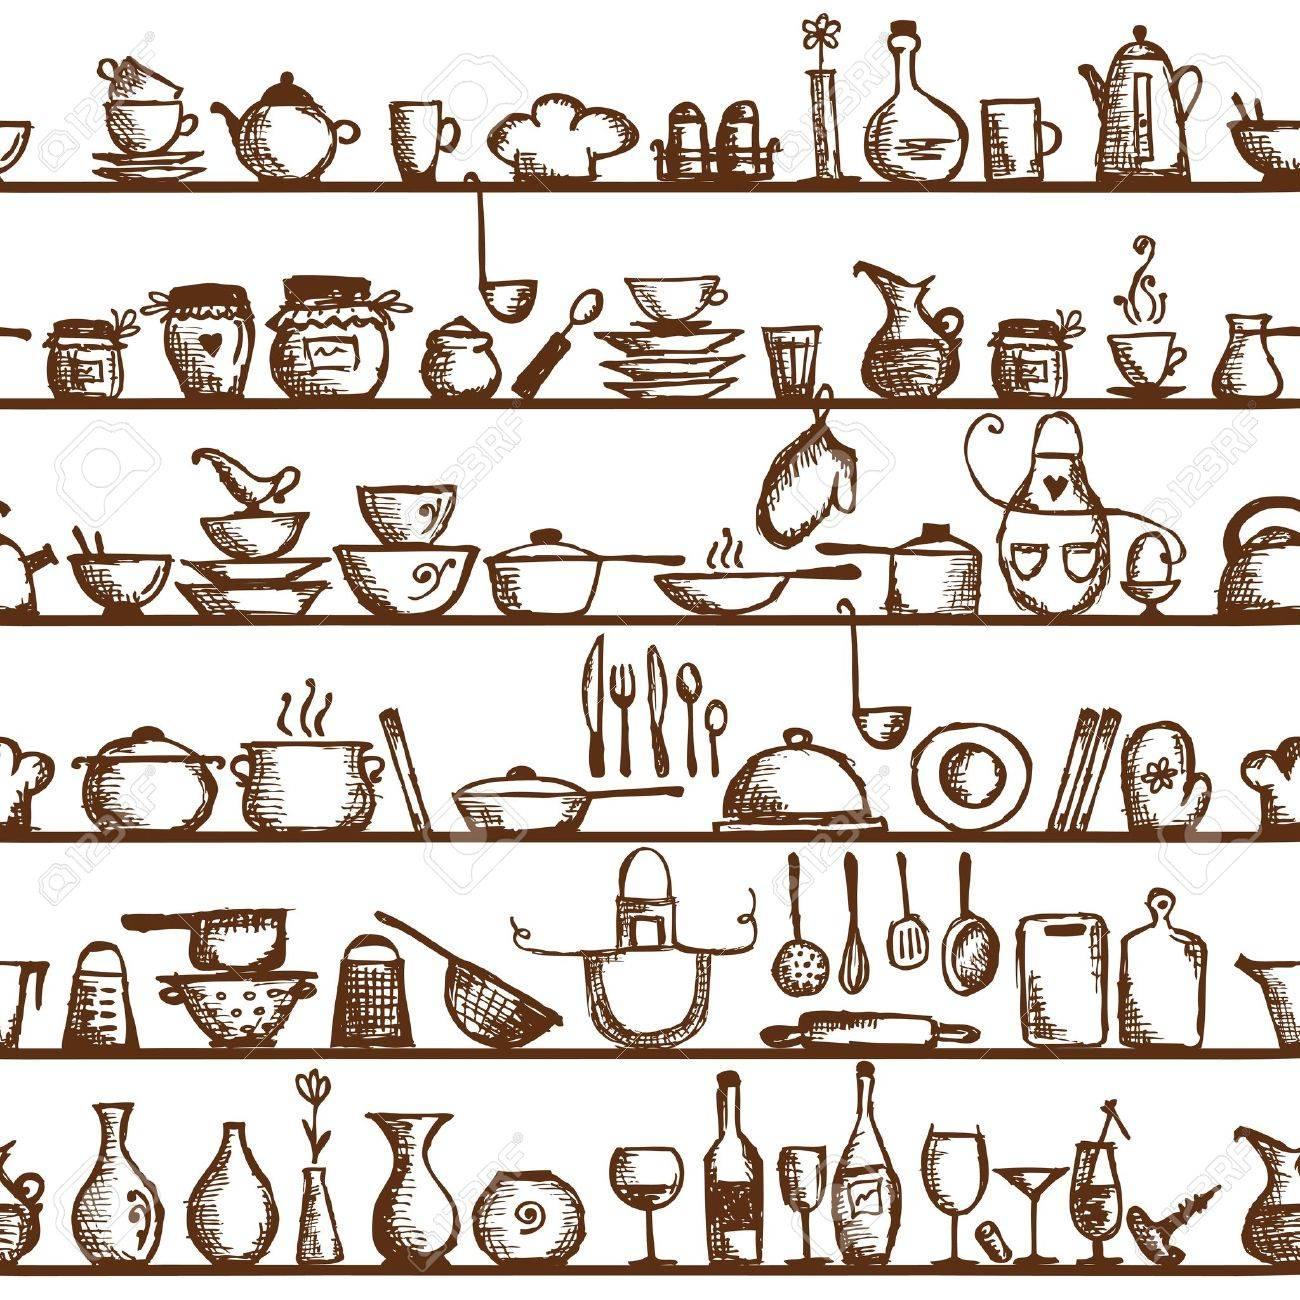 archivio fotografico utensili da cucina sugli scaffali schizzo seamless pattern di disegno